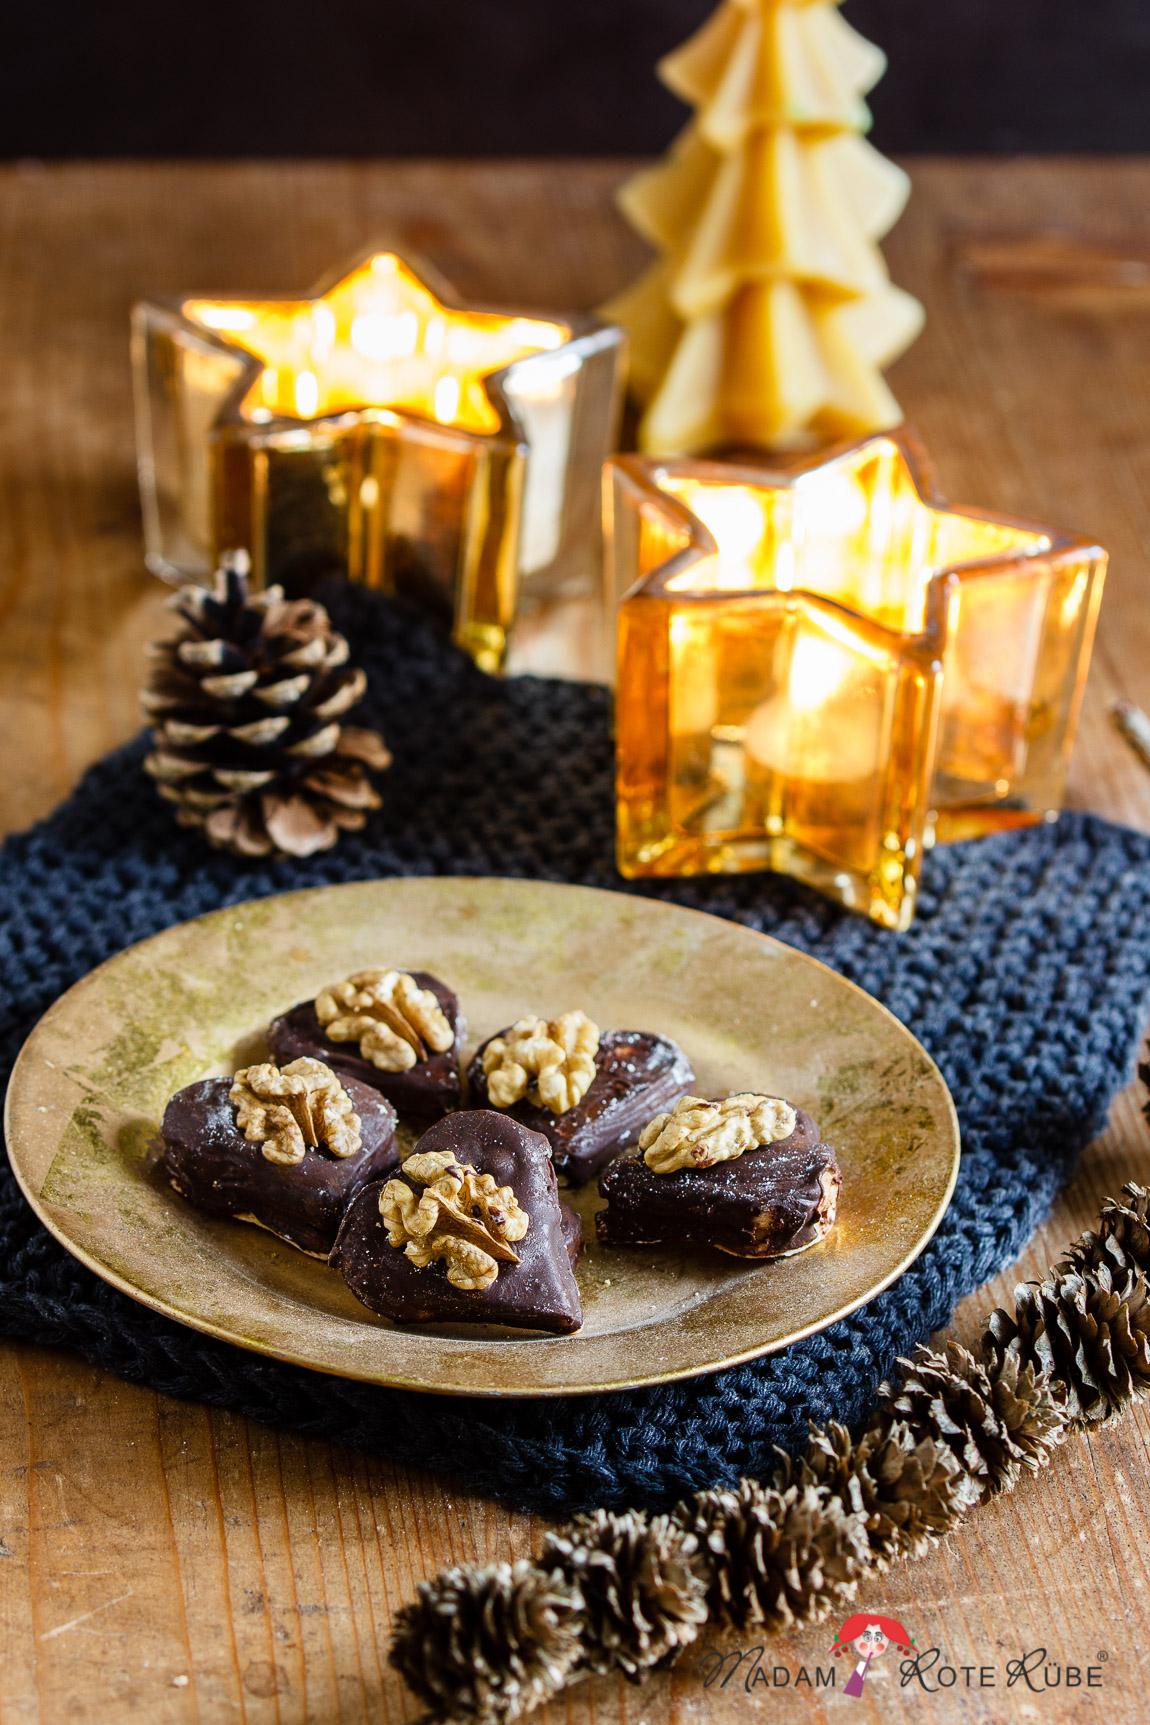 Madam Rote Rübe - schokoladige Walnussherzen mit feiner Füllung aus der Weihnachtsbäckerei